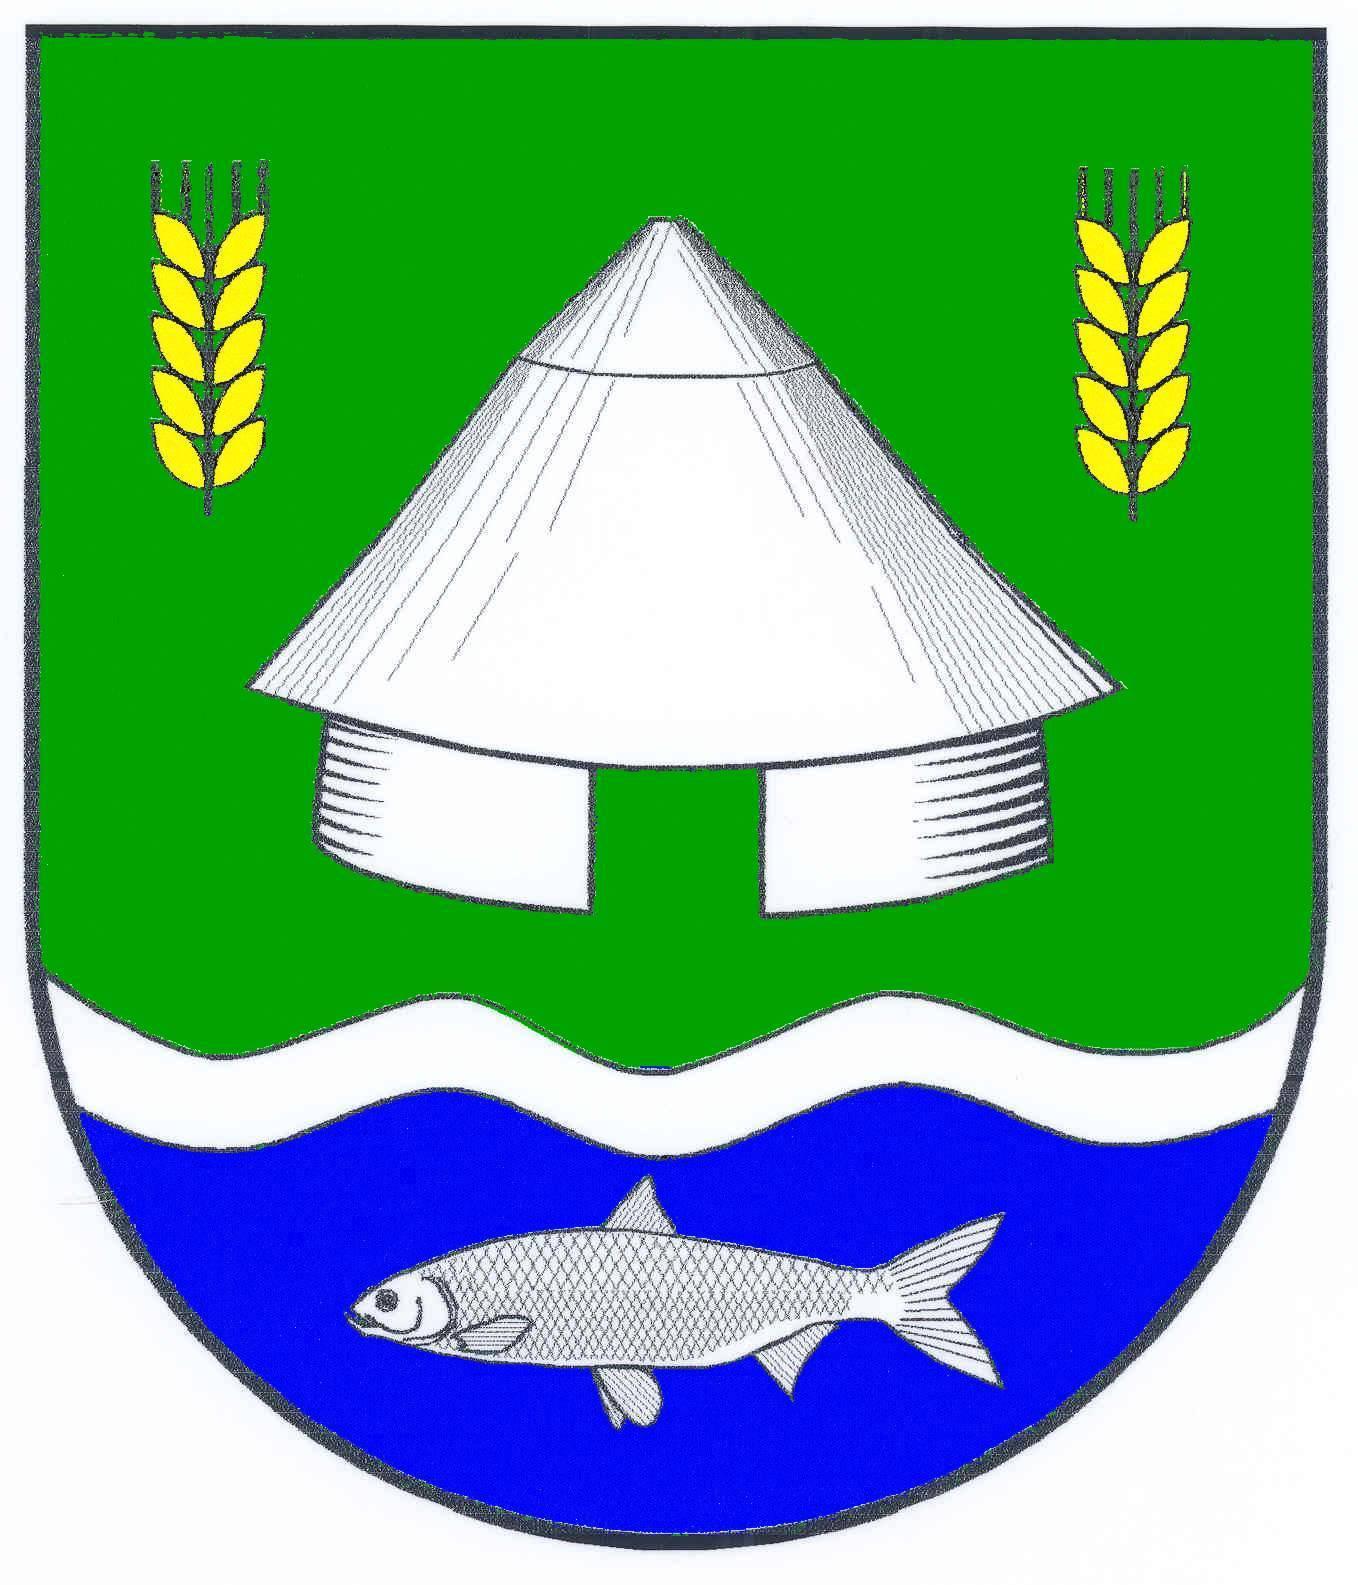 Wappen GemeindeGremersdorf, Kreis Ostholstein